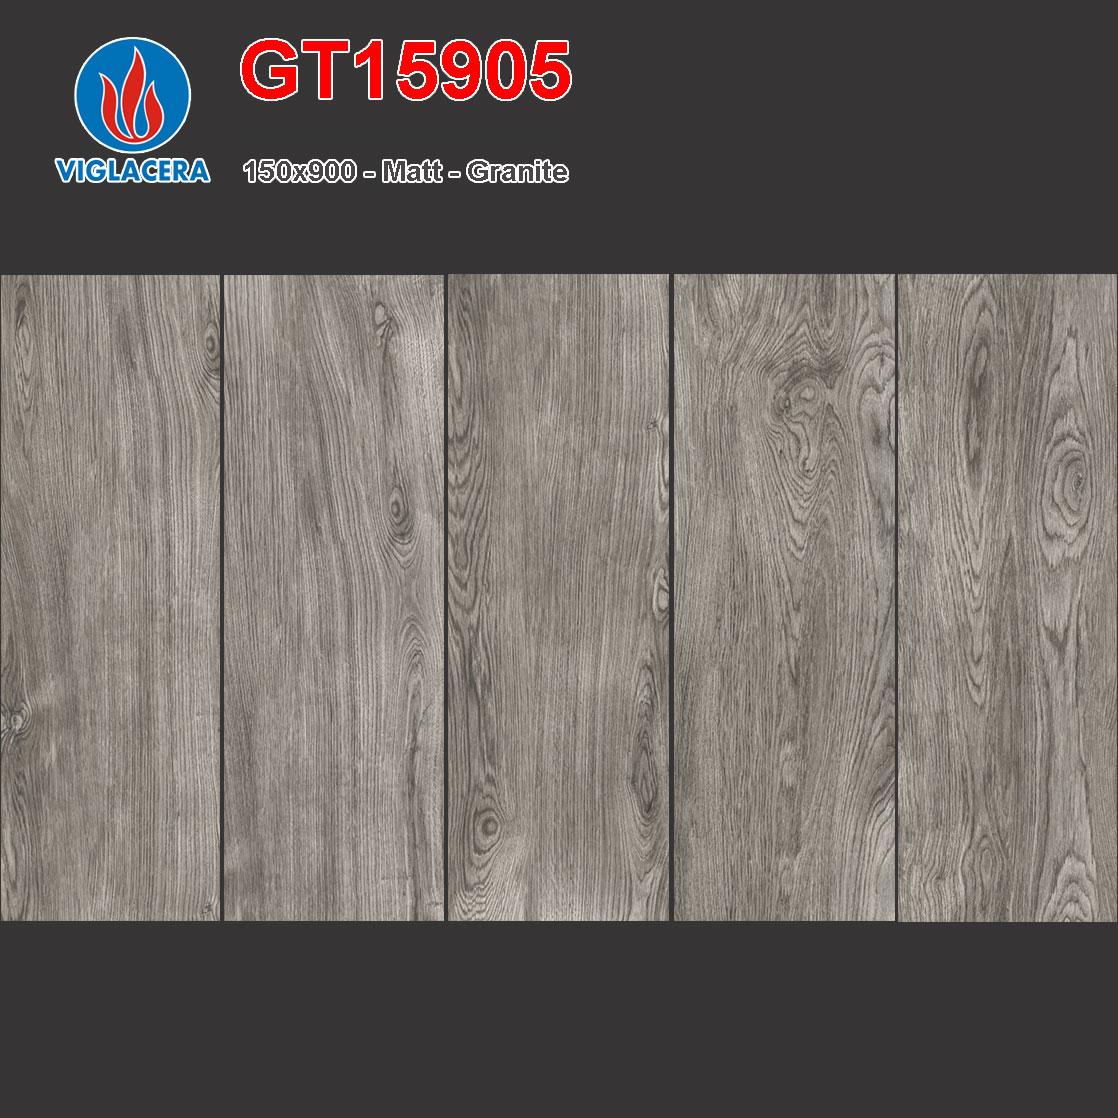 Gạch lát vân gỗ 150x900 Viglacera GT15905 giá rẻ